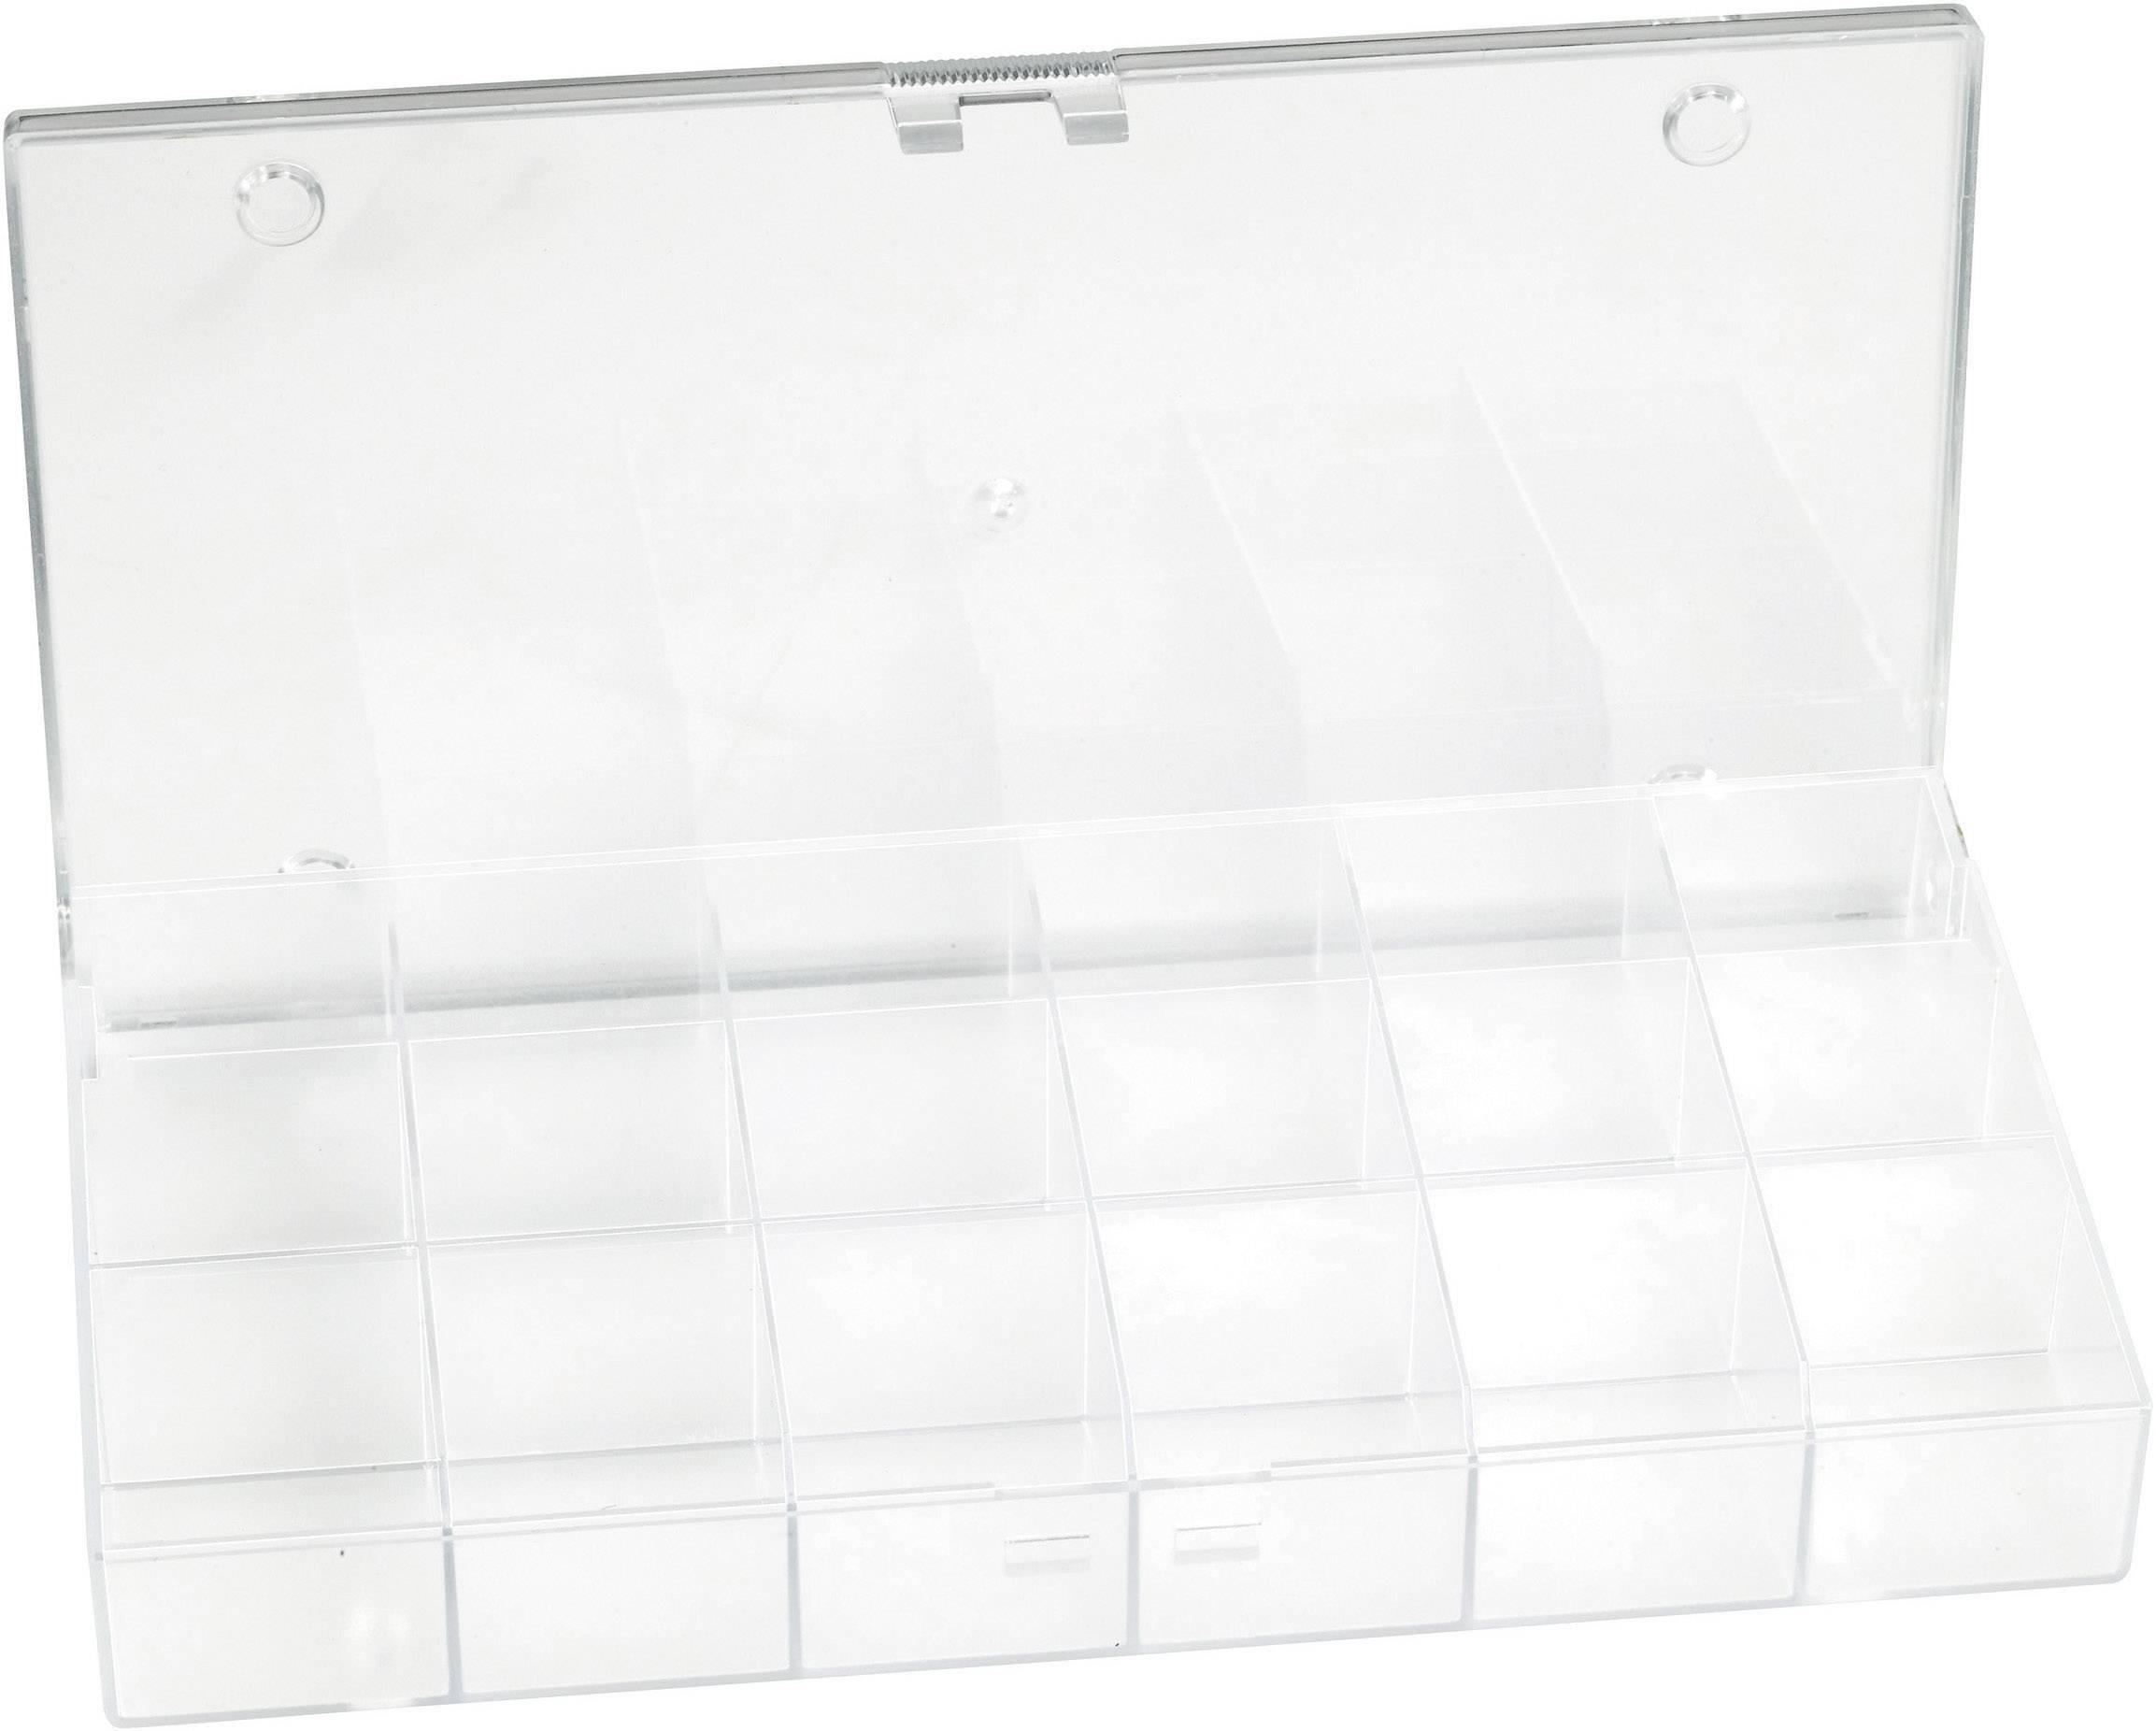 Zásobník na součástky průhledný - 18 příhrádek, 194 x 31 x 101 mm